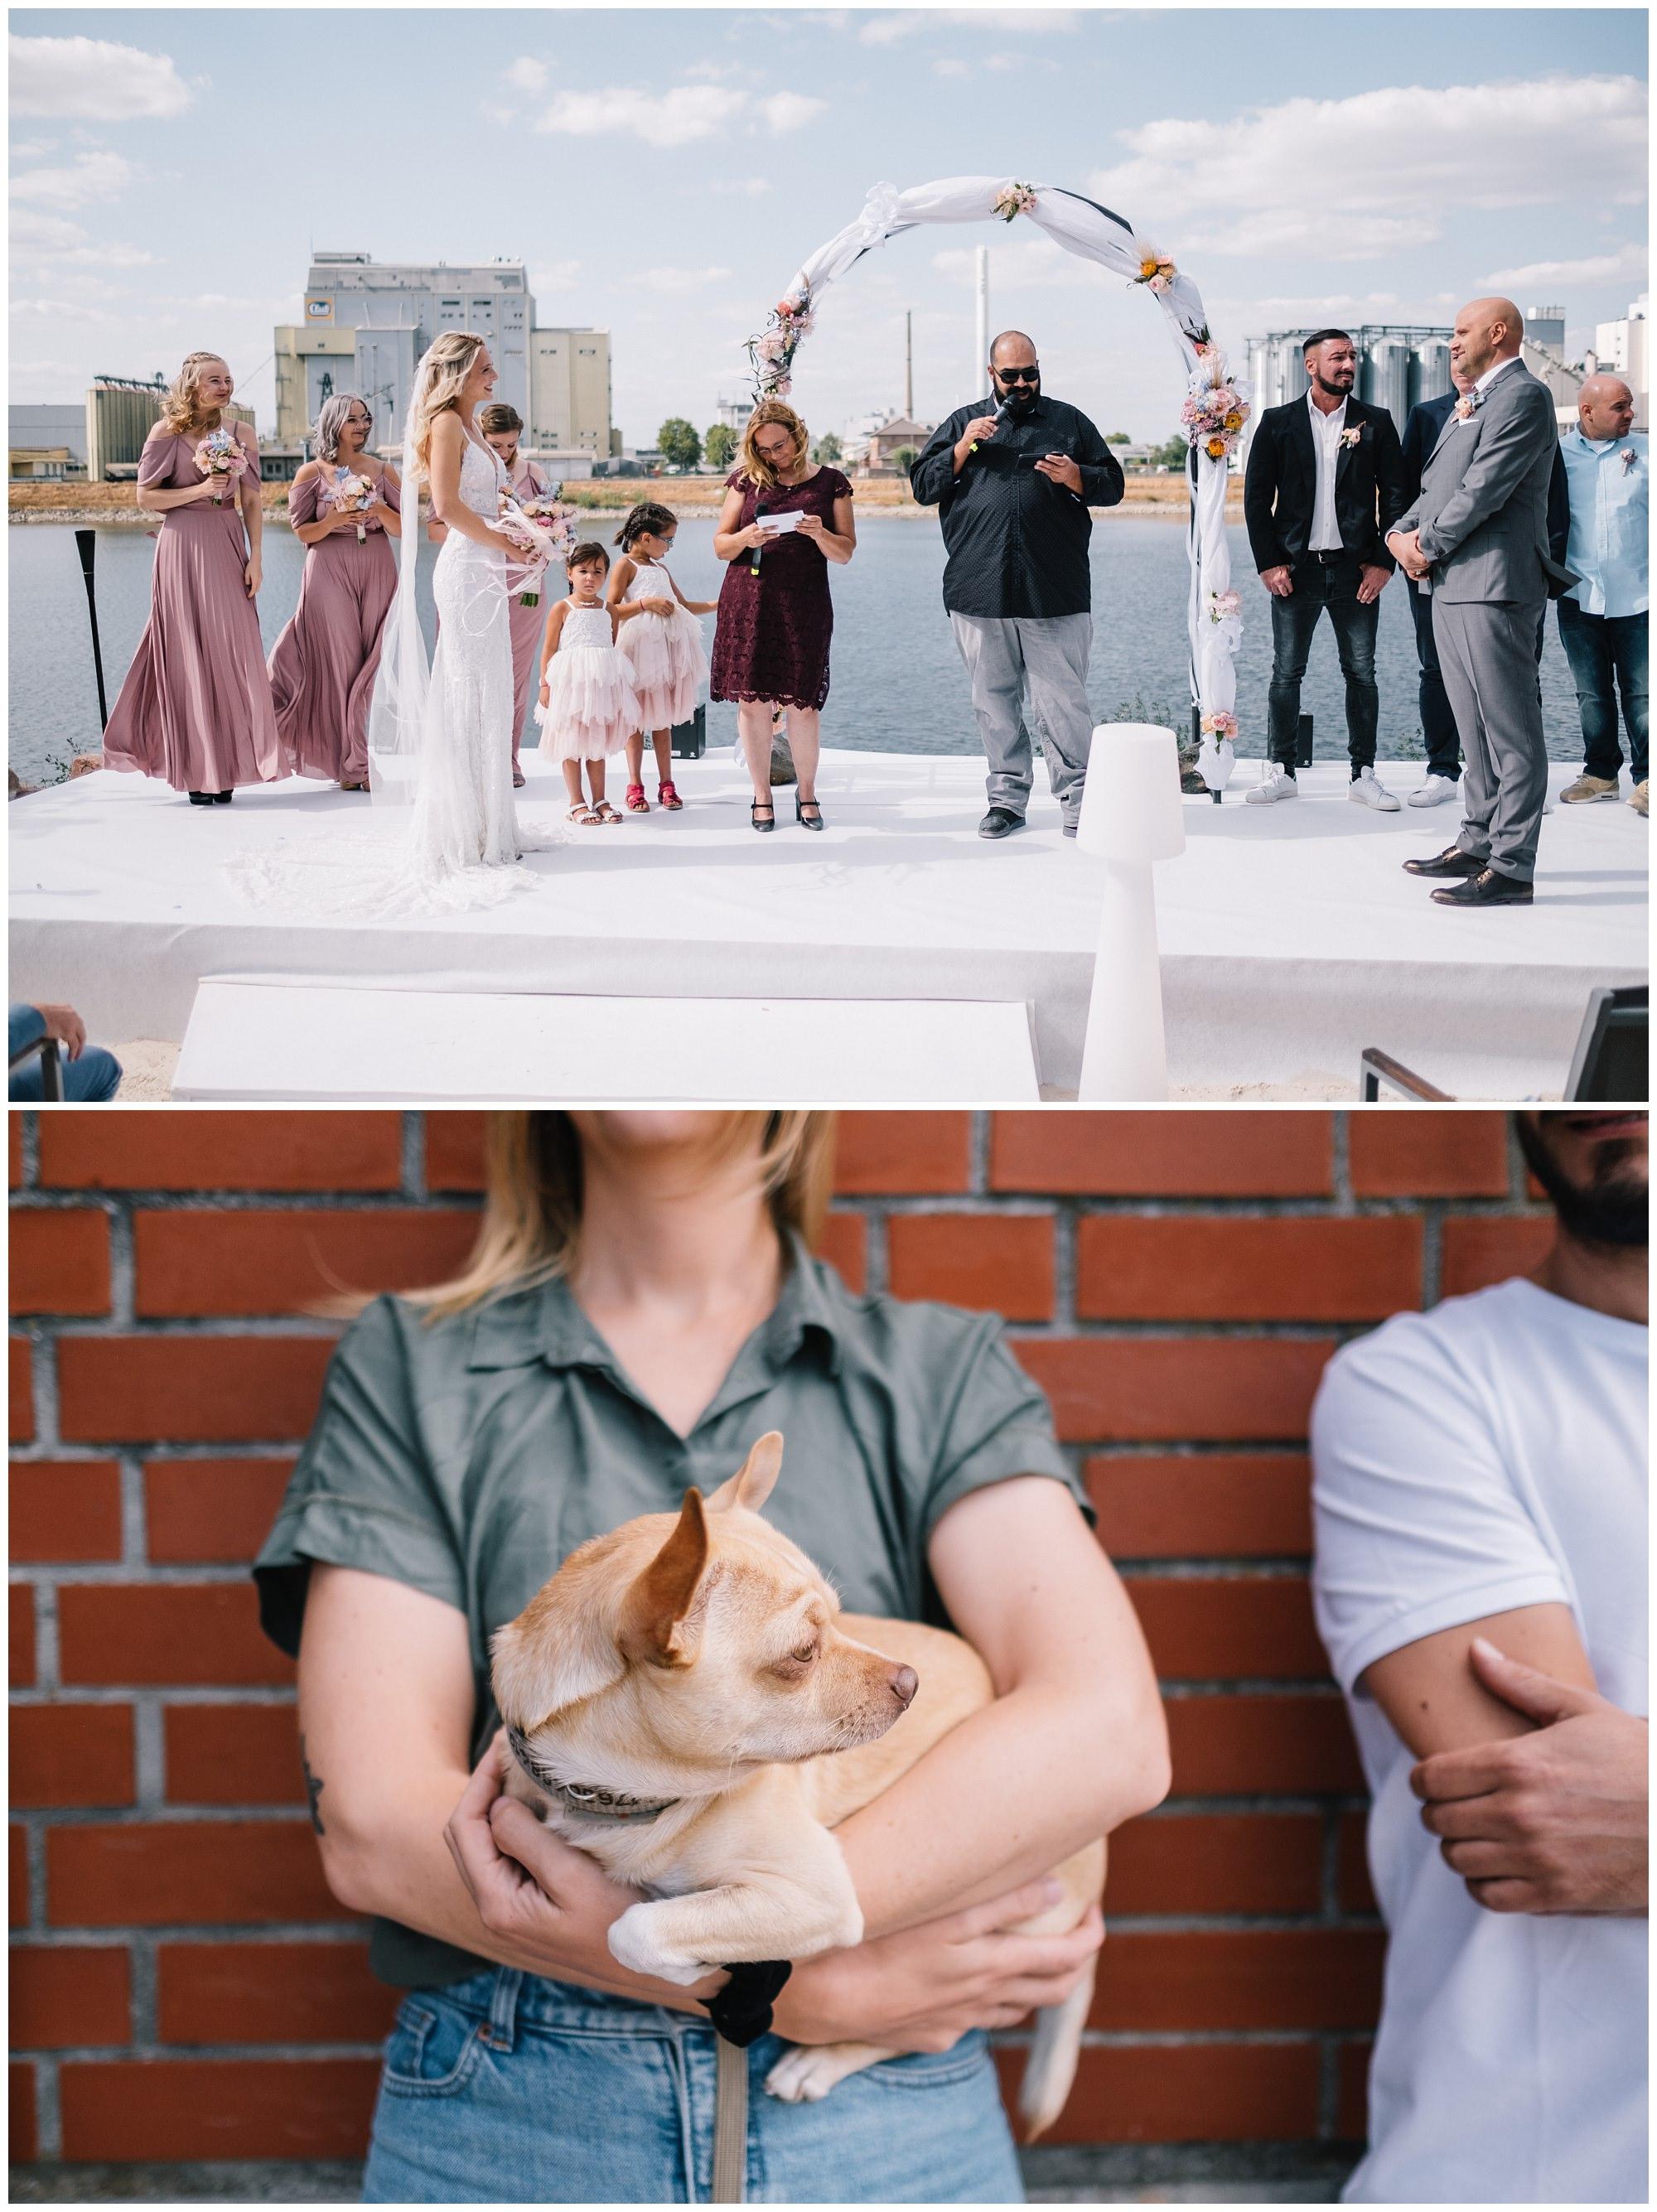 Hochzeit-Manufaktur-Mannheim-Wiegelmann-45_web.jpg